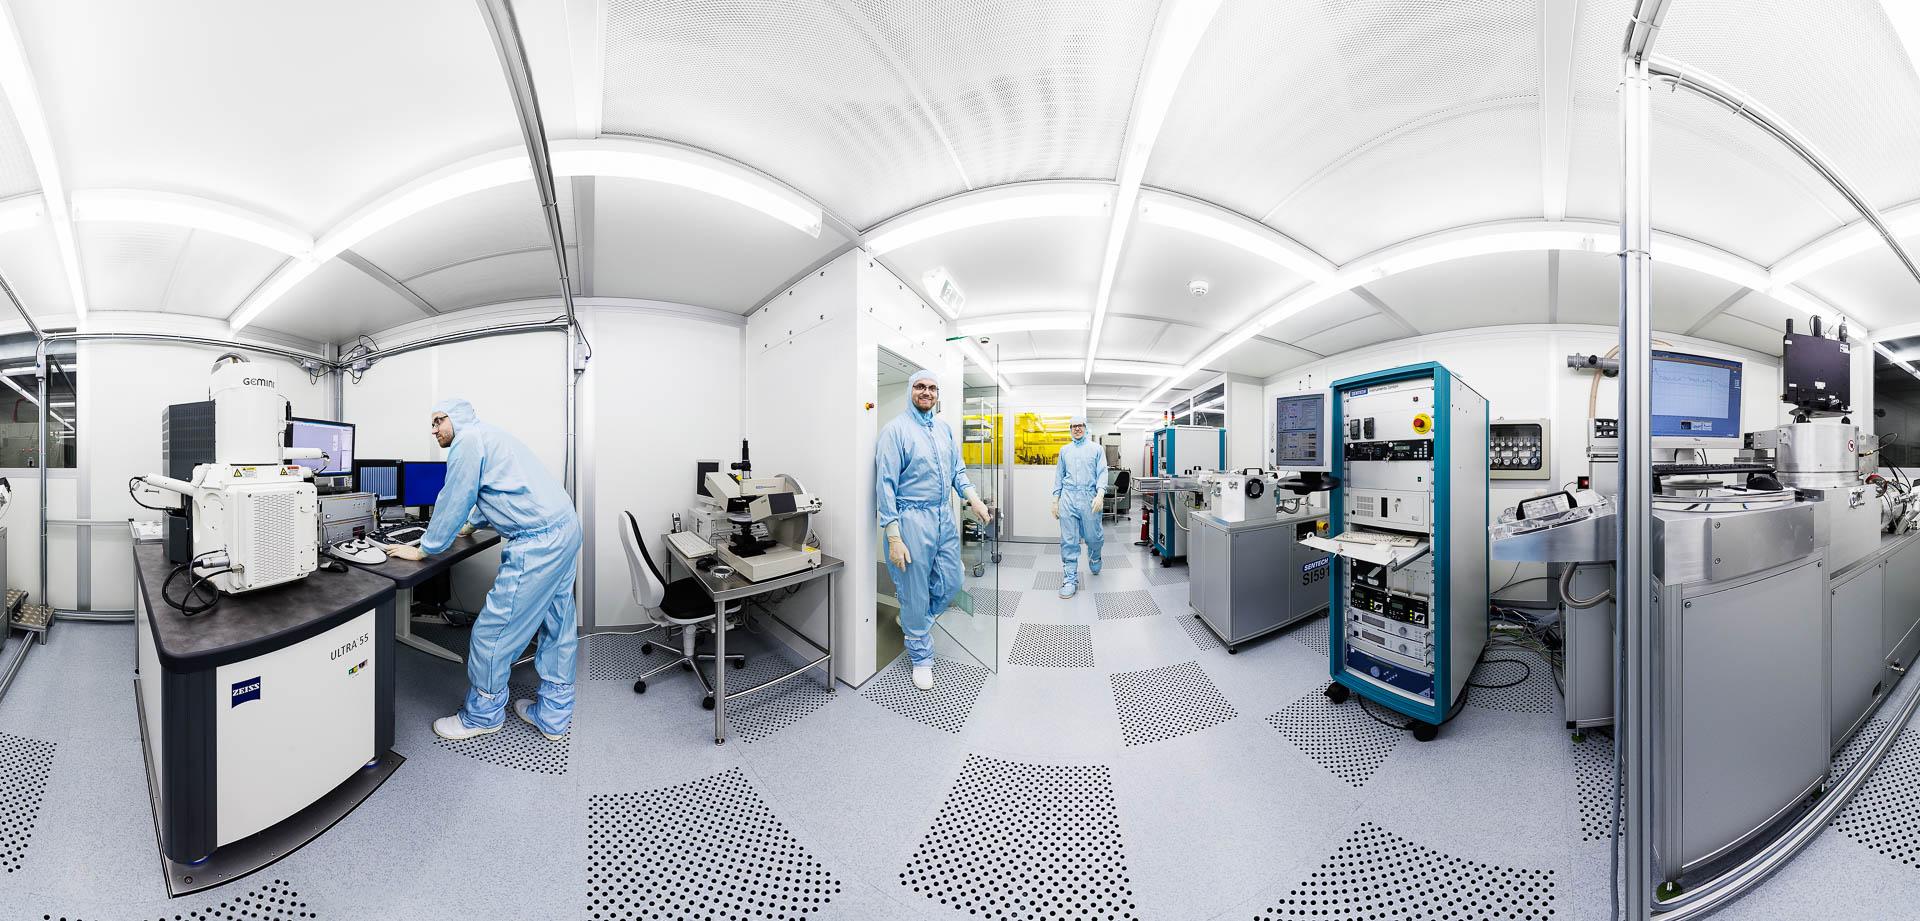 Industriefotograf Panorama 360 Tobi Bohn Berlin